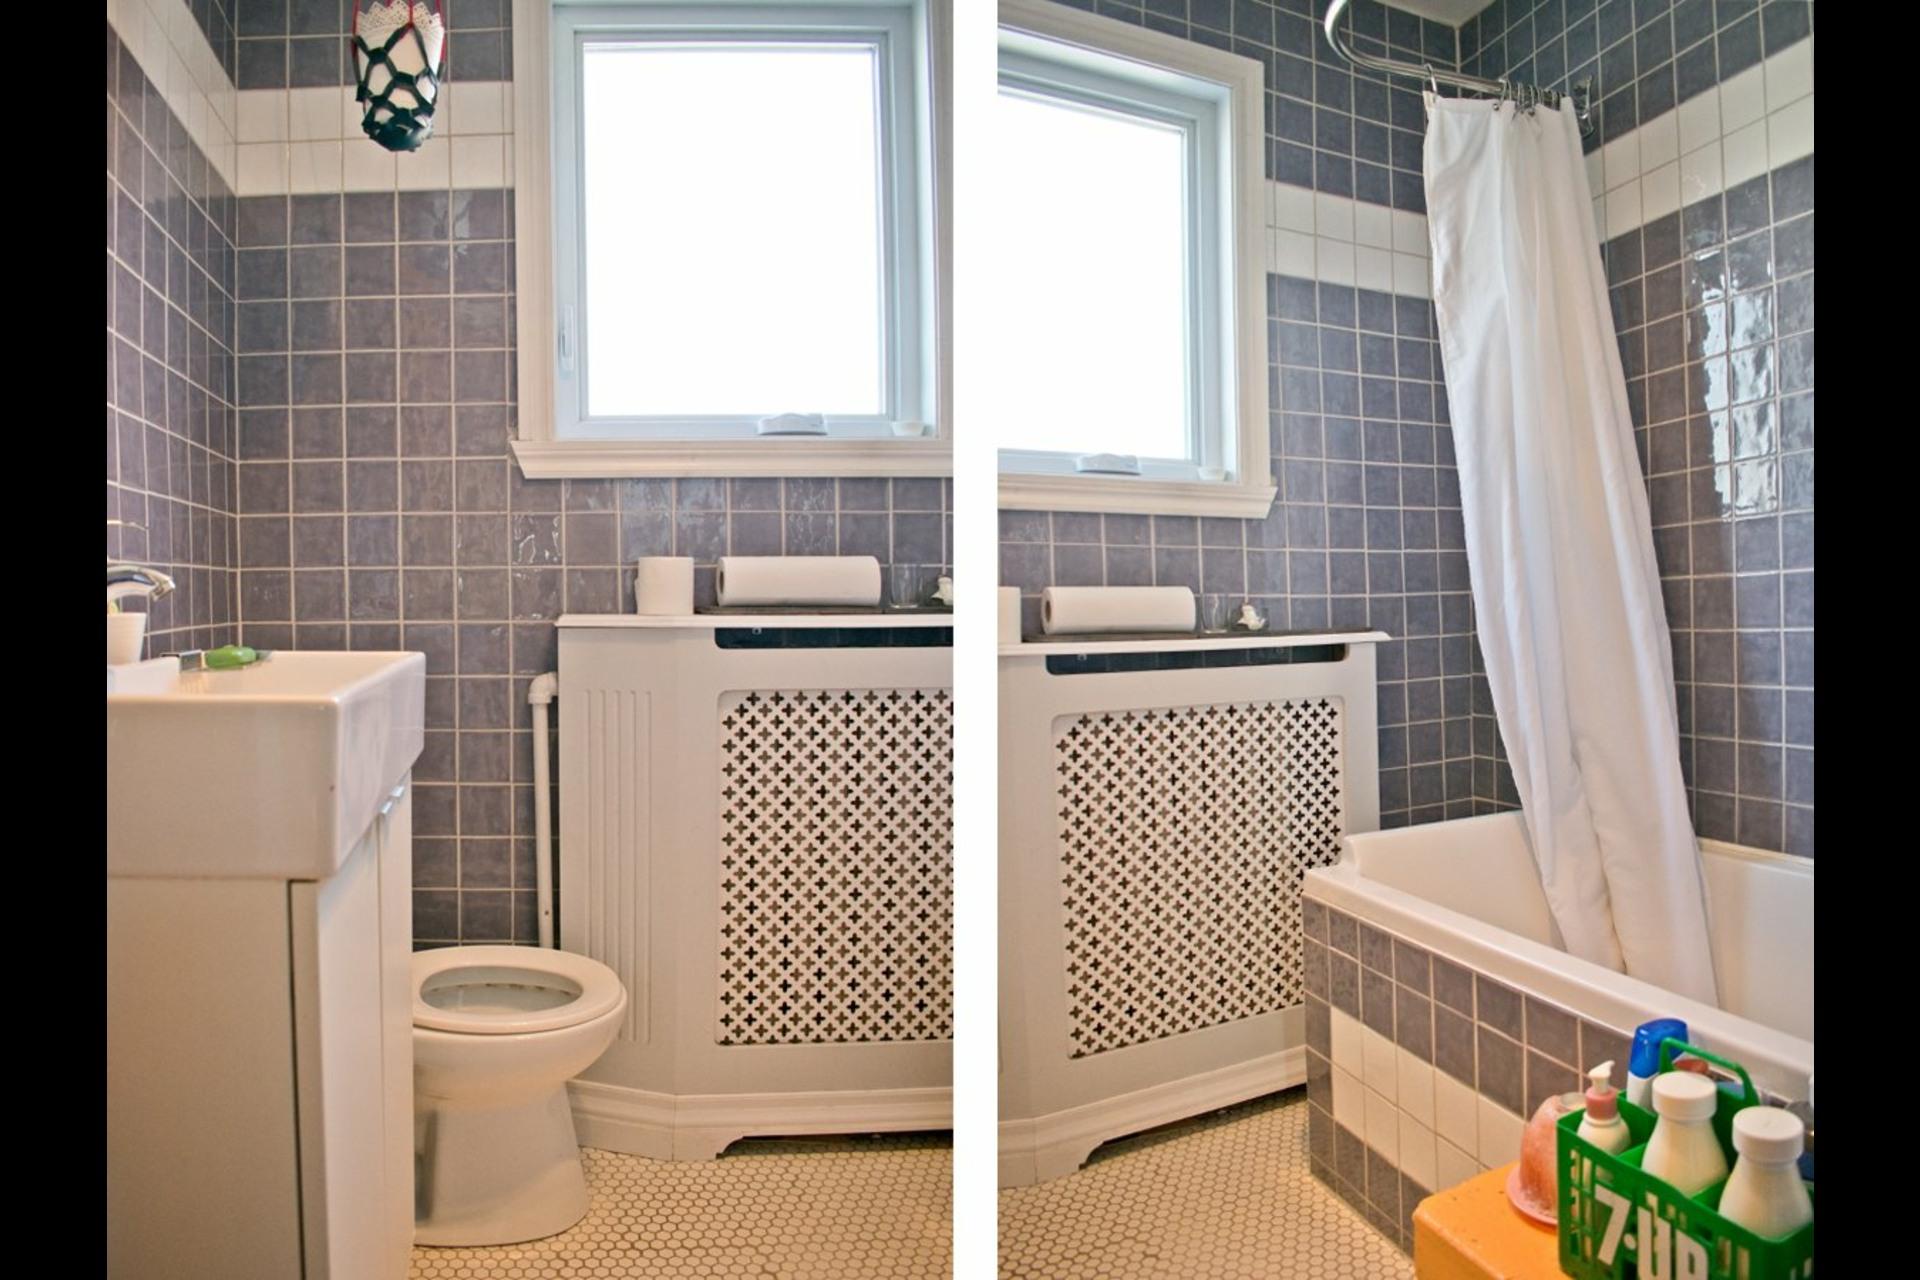 image 19 - House For sale Villeray/Saint-Michel/Parc-Extension Montréal  - 9 rooms